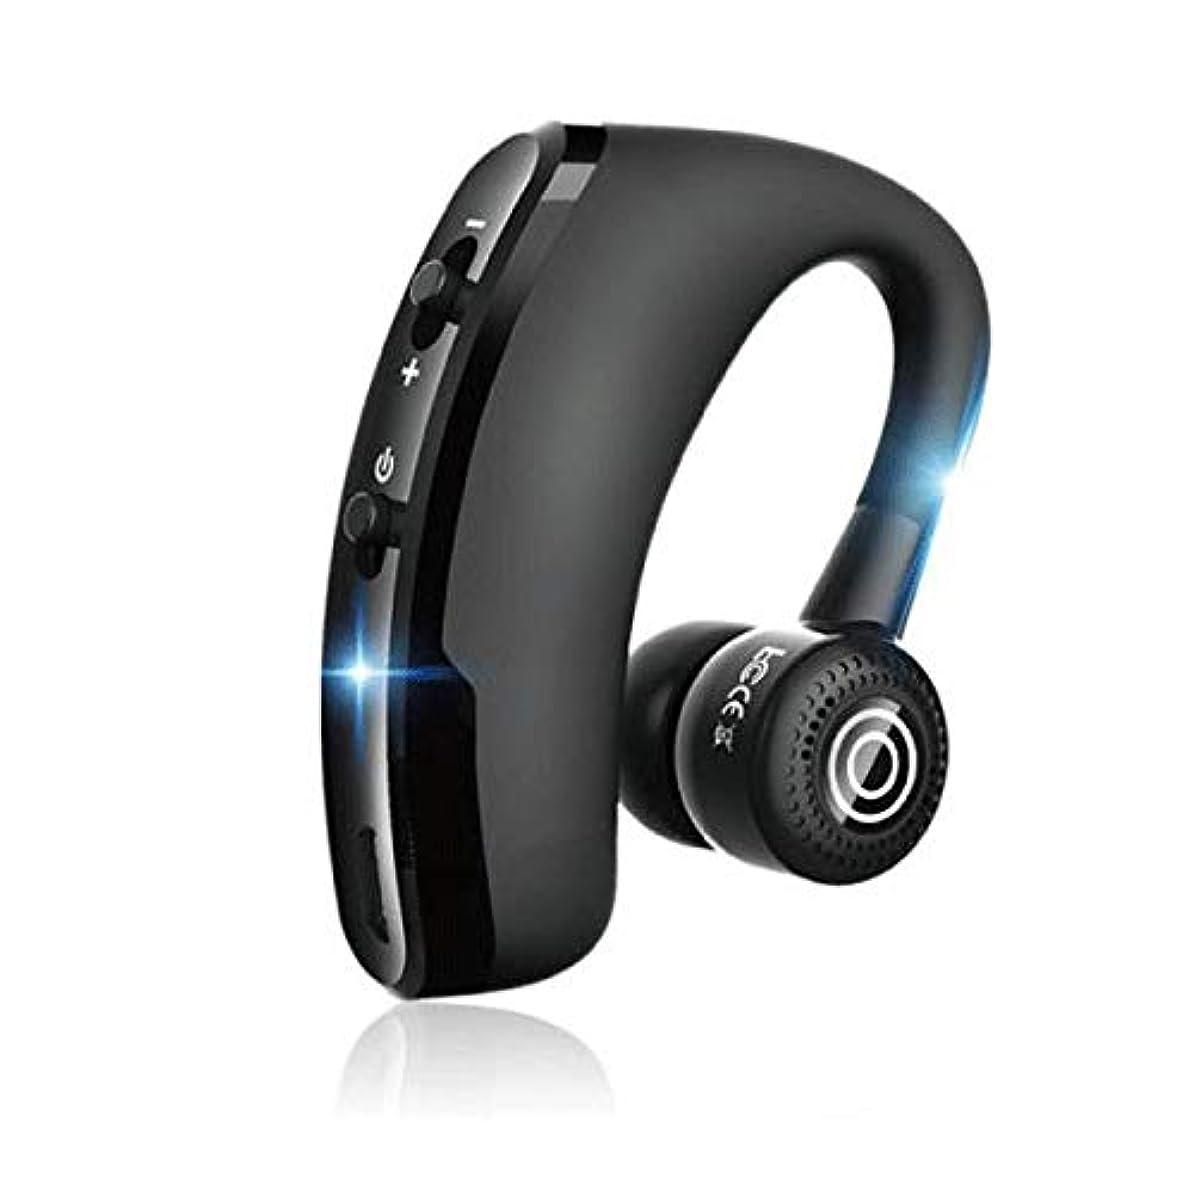 多様な振幅パスタブルートゥースイヤホン Bluetooth 4.1 イヤホン 高級 片耳用 iPhone android アンドロイド スマホ 運転 高音質 ランニング スポーツ